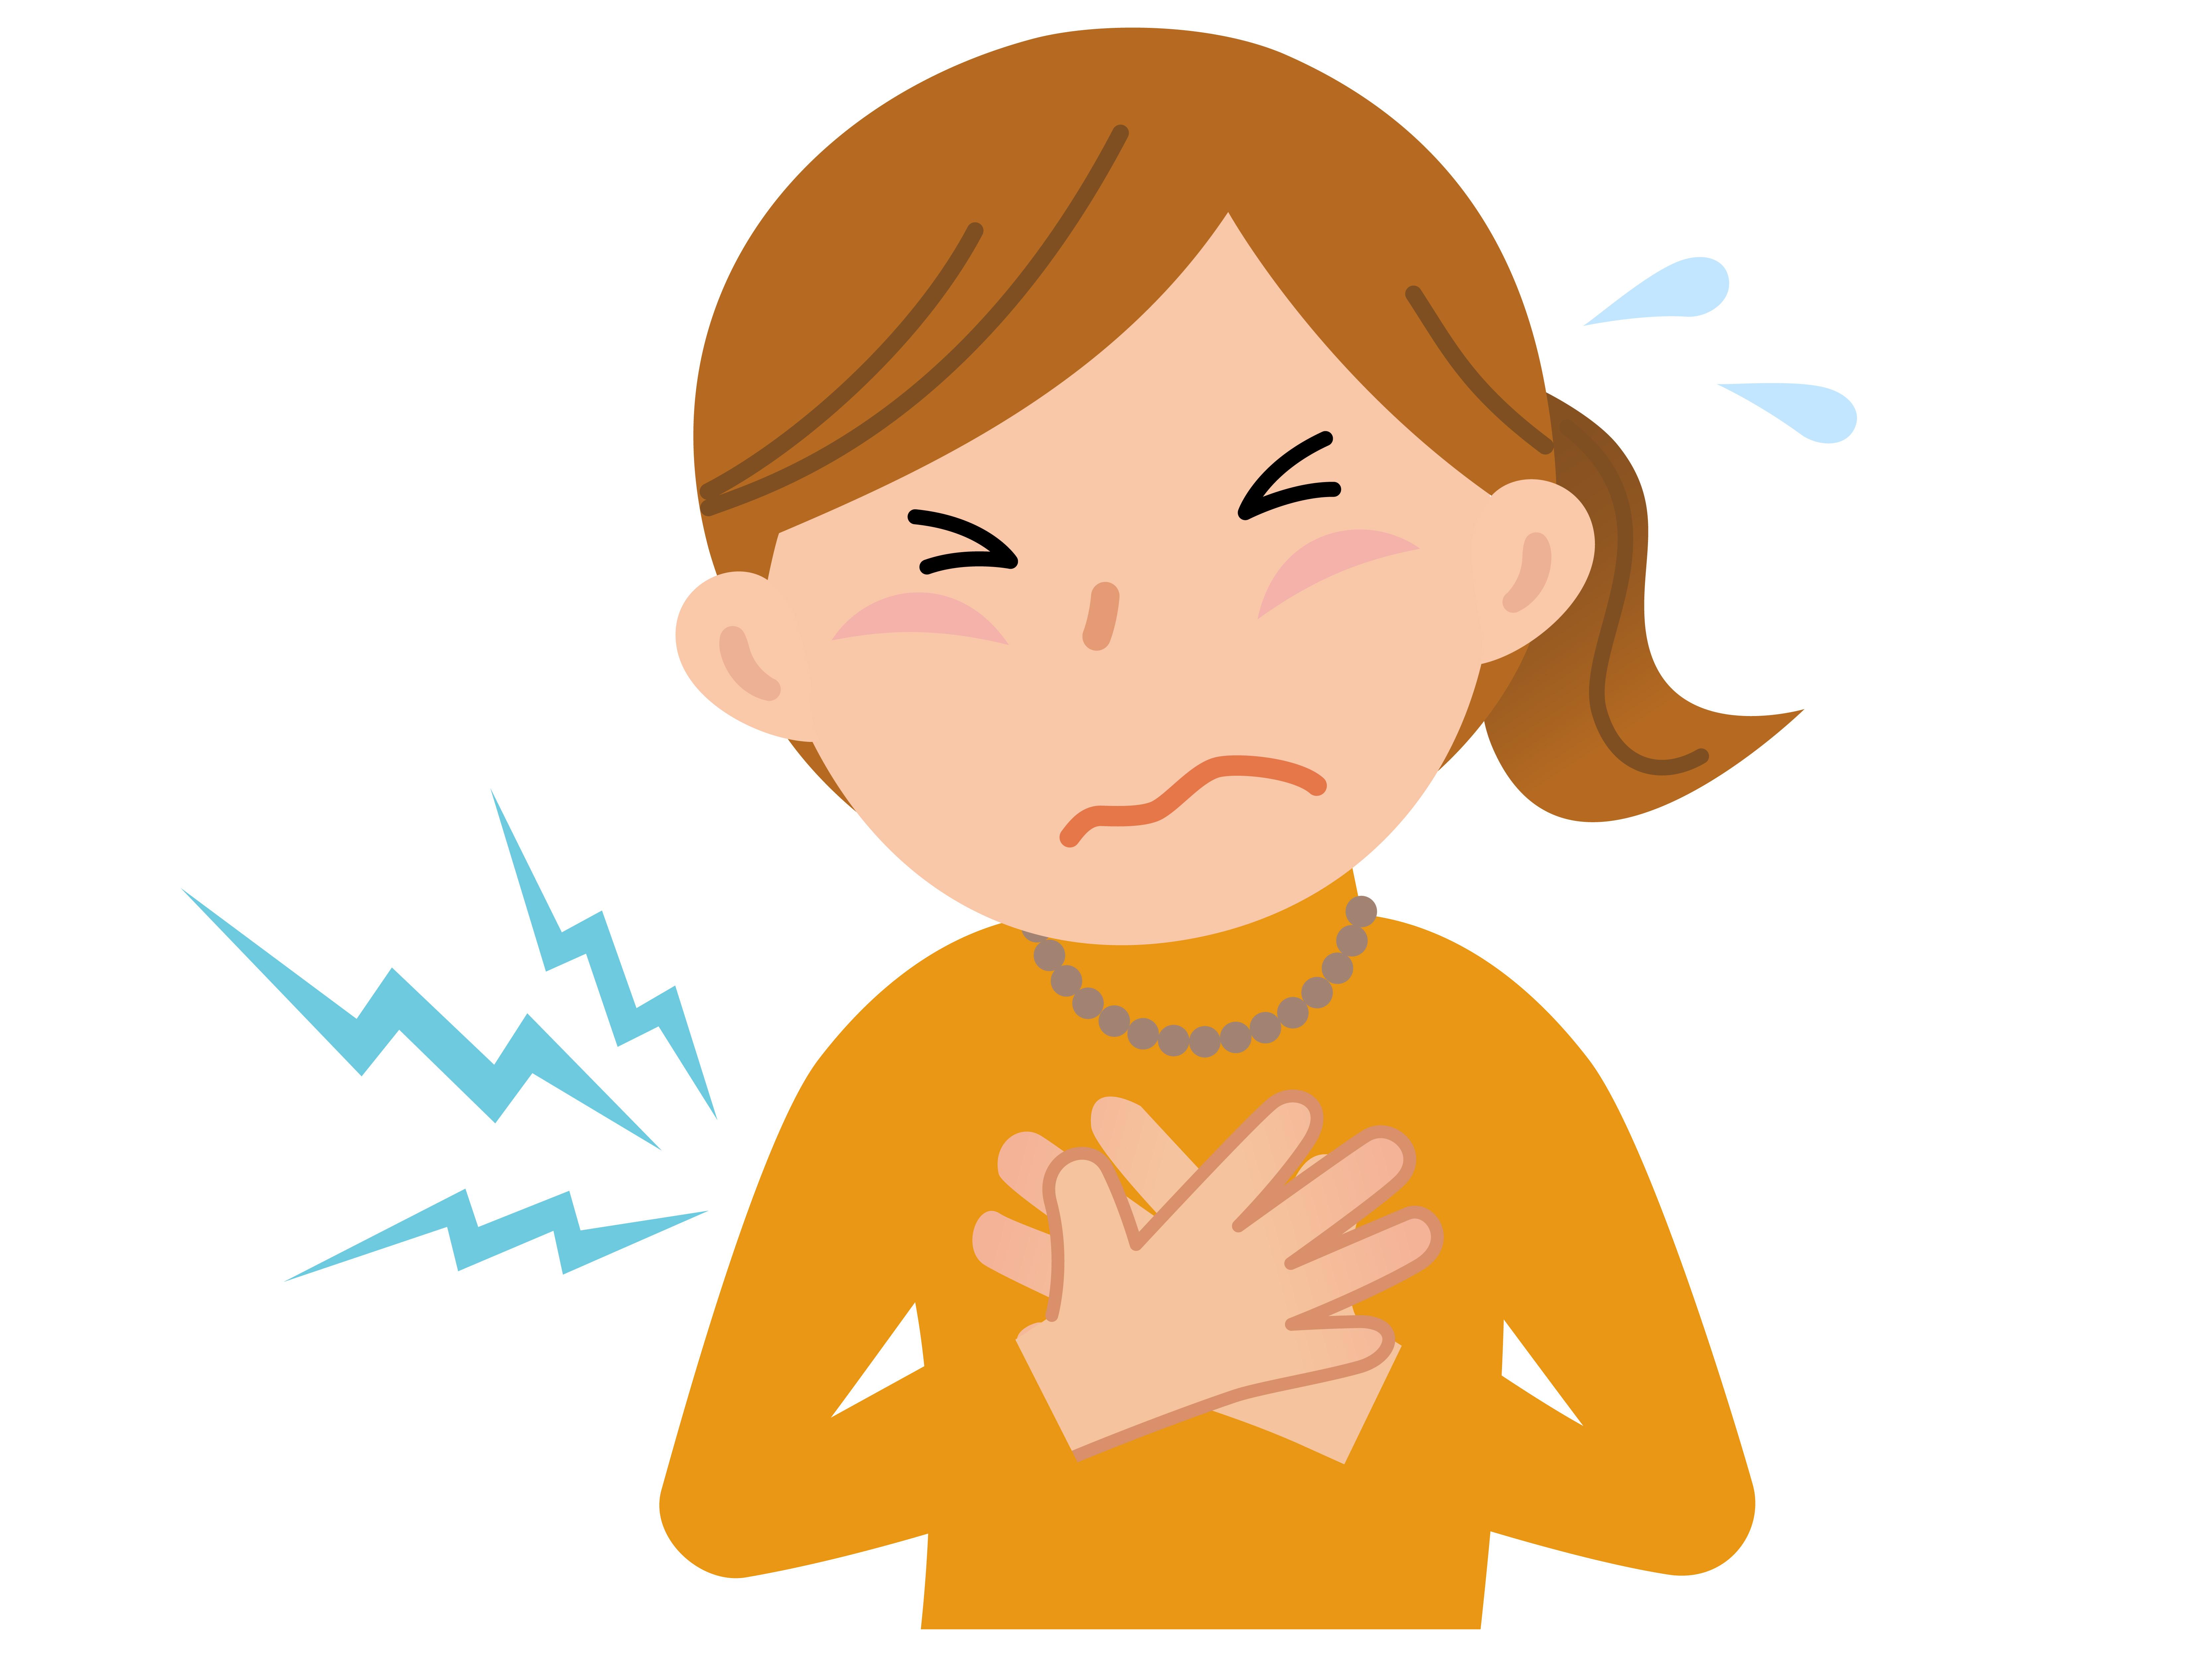 トリプルネガティブ乳がんとは?治療法と余命・生存率について調べてみました